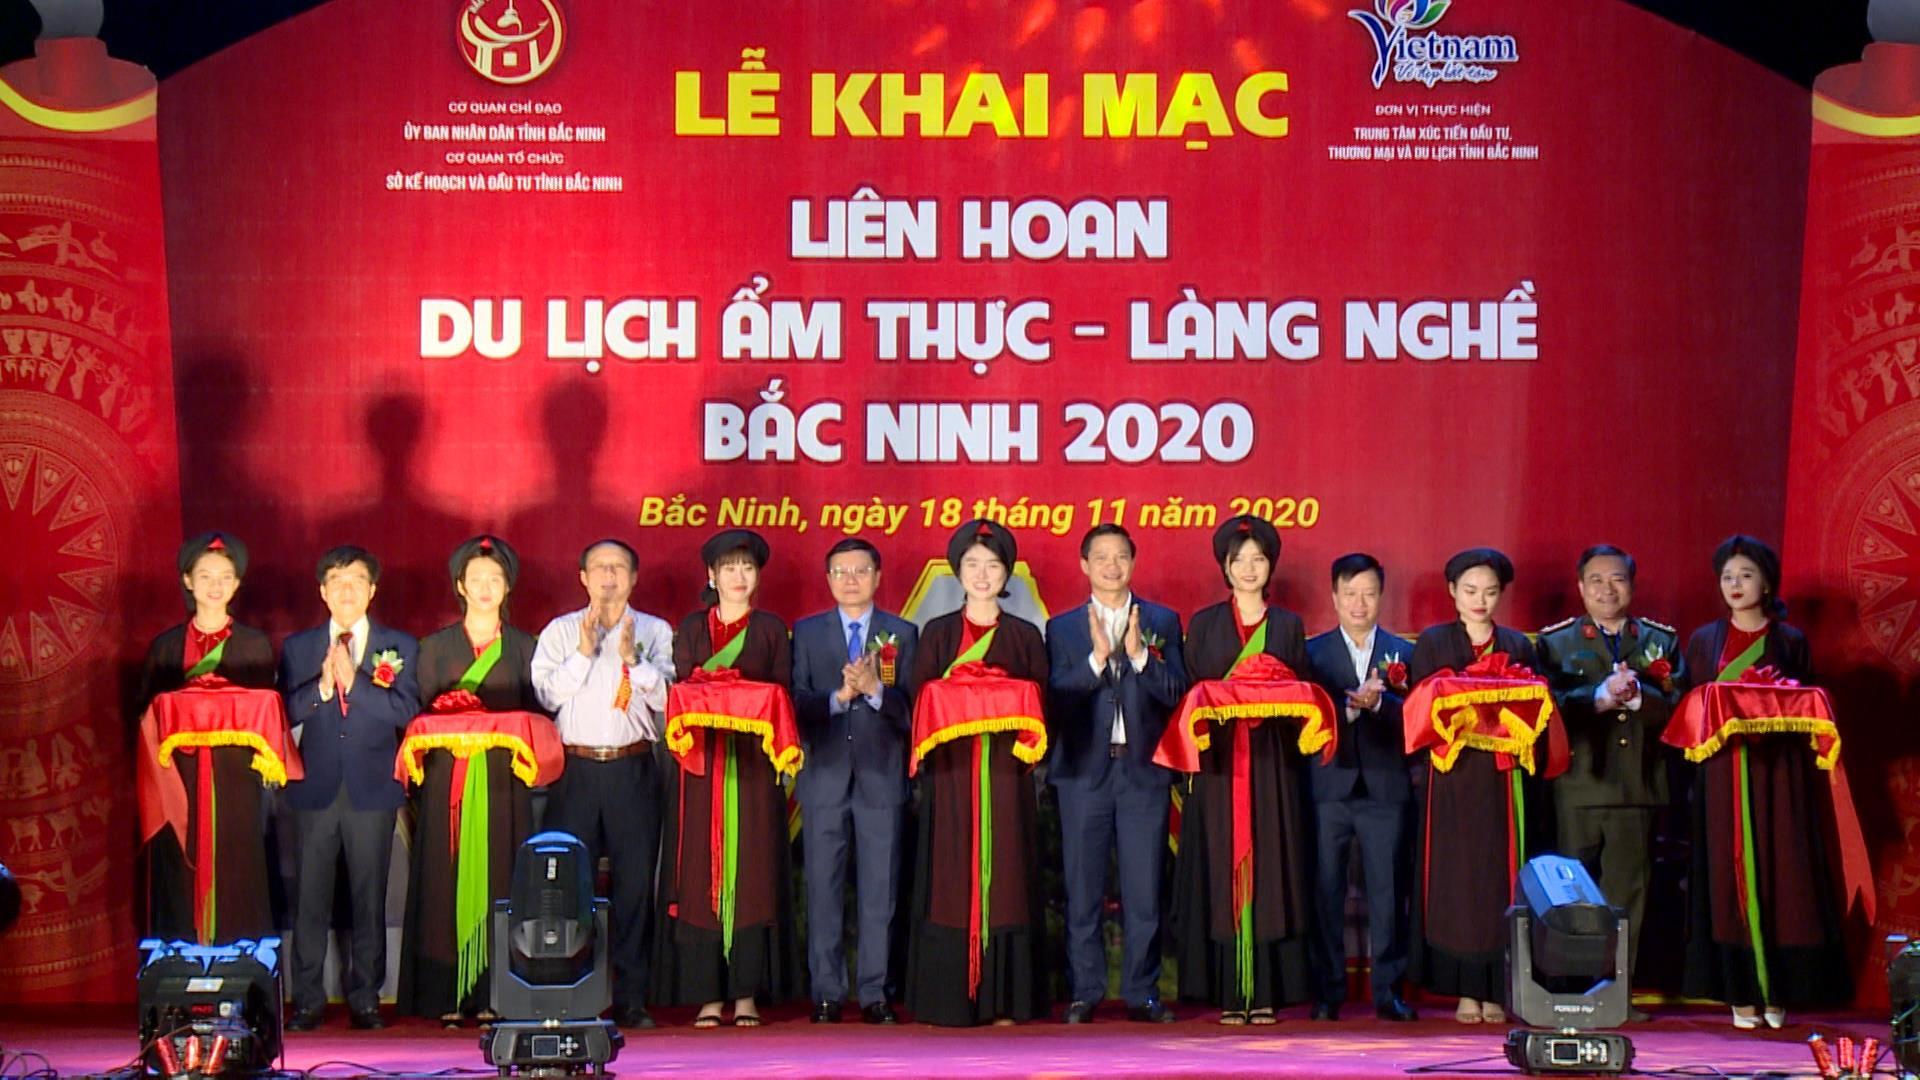 Liên hoan Du lịch, Ẩm thực – Làng nghề Bắc Ninh 2020